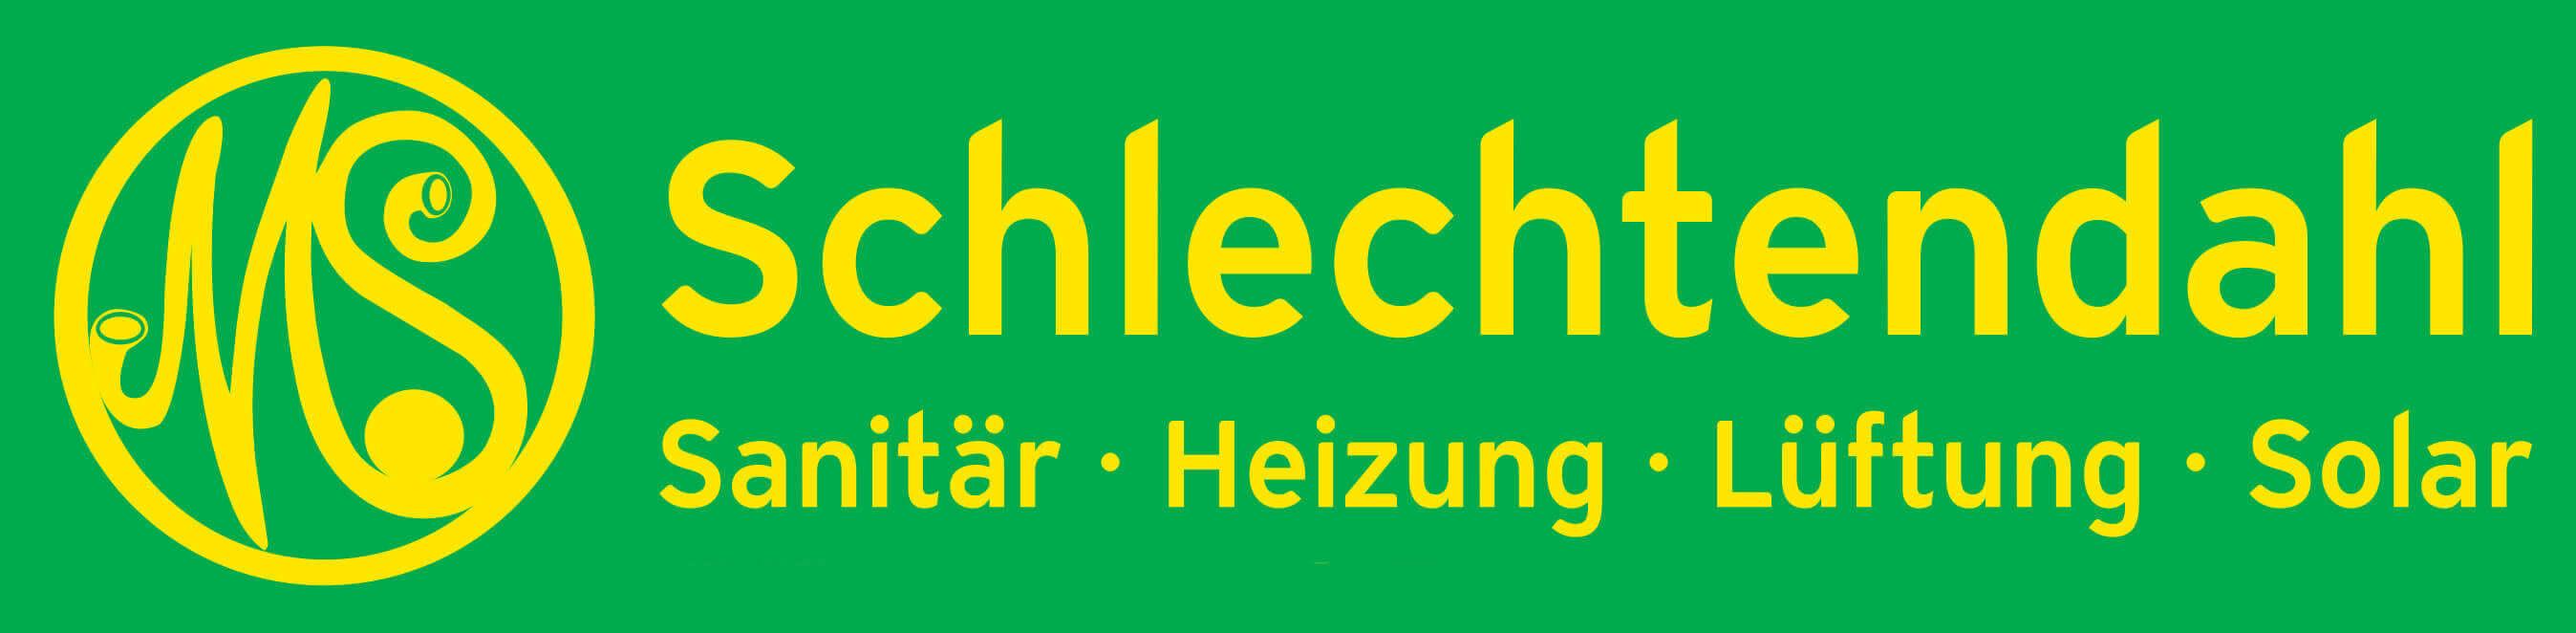 Schlechtendahl GmbH - Logo